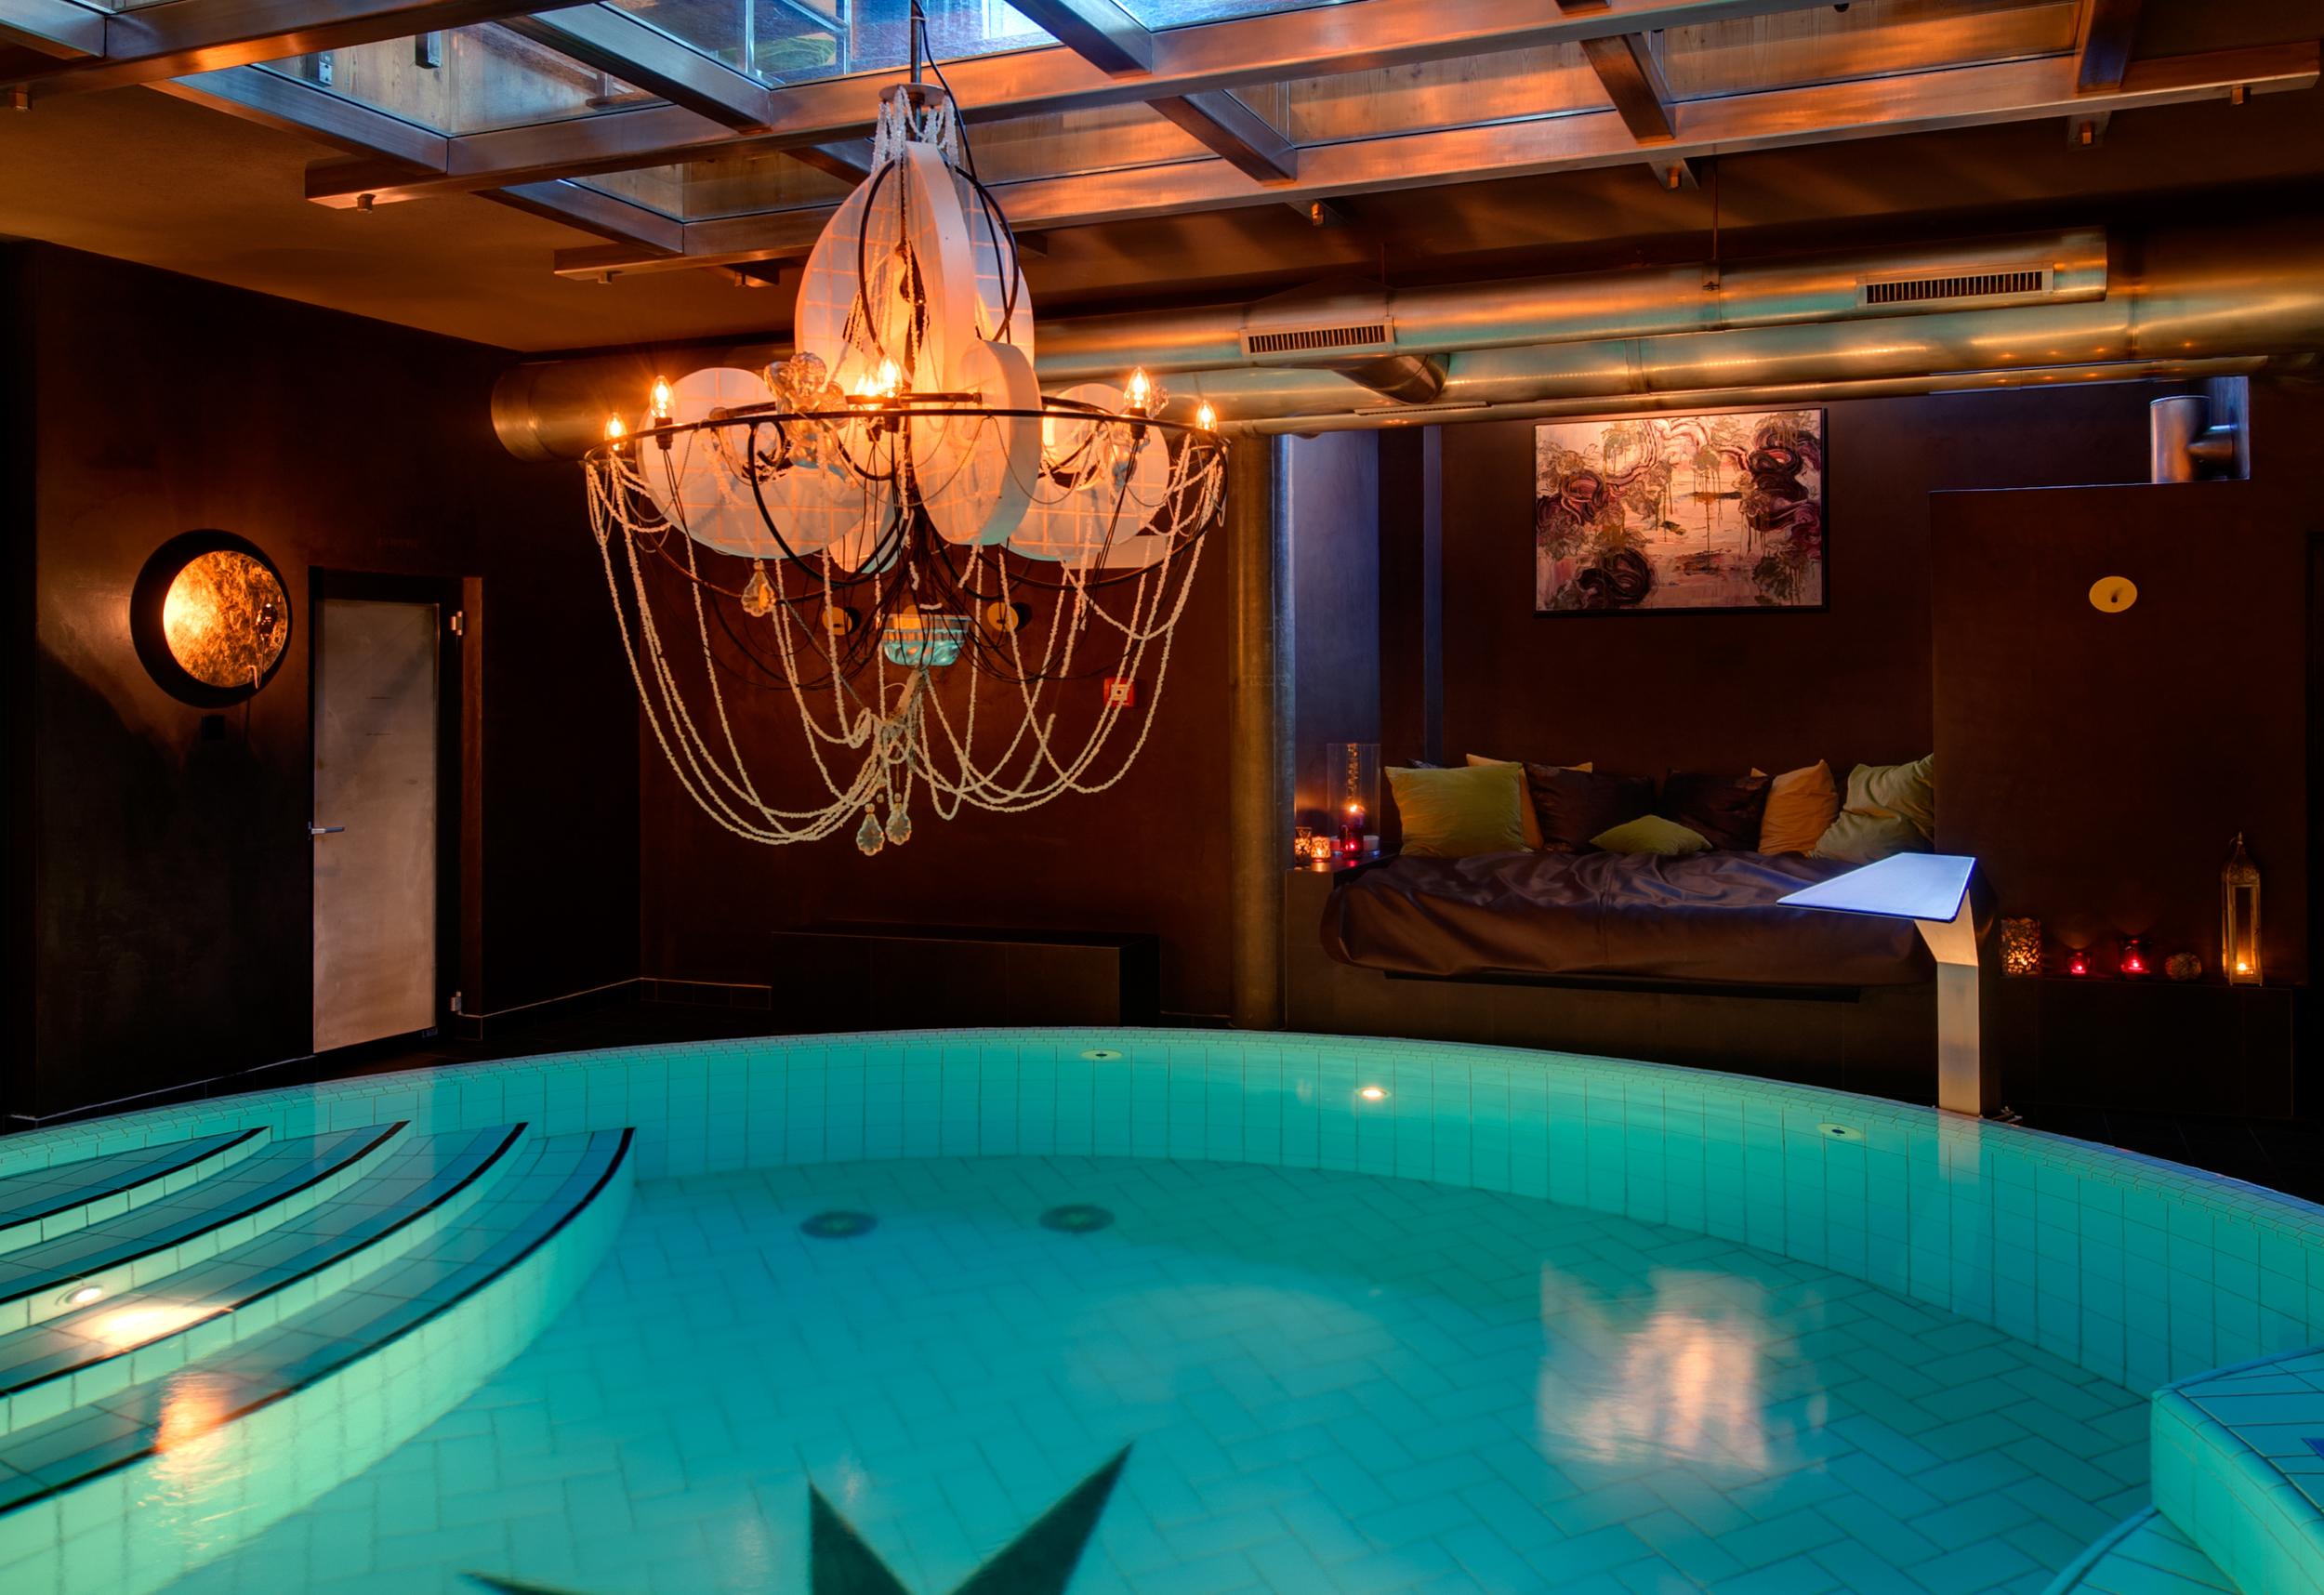 Hotel Coeur Des Alpes 2013 003b copy.jpg